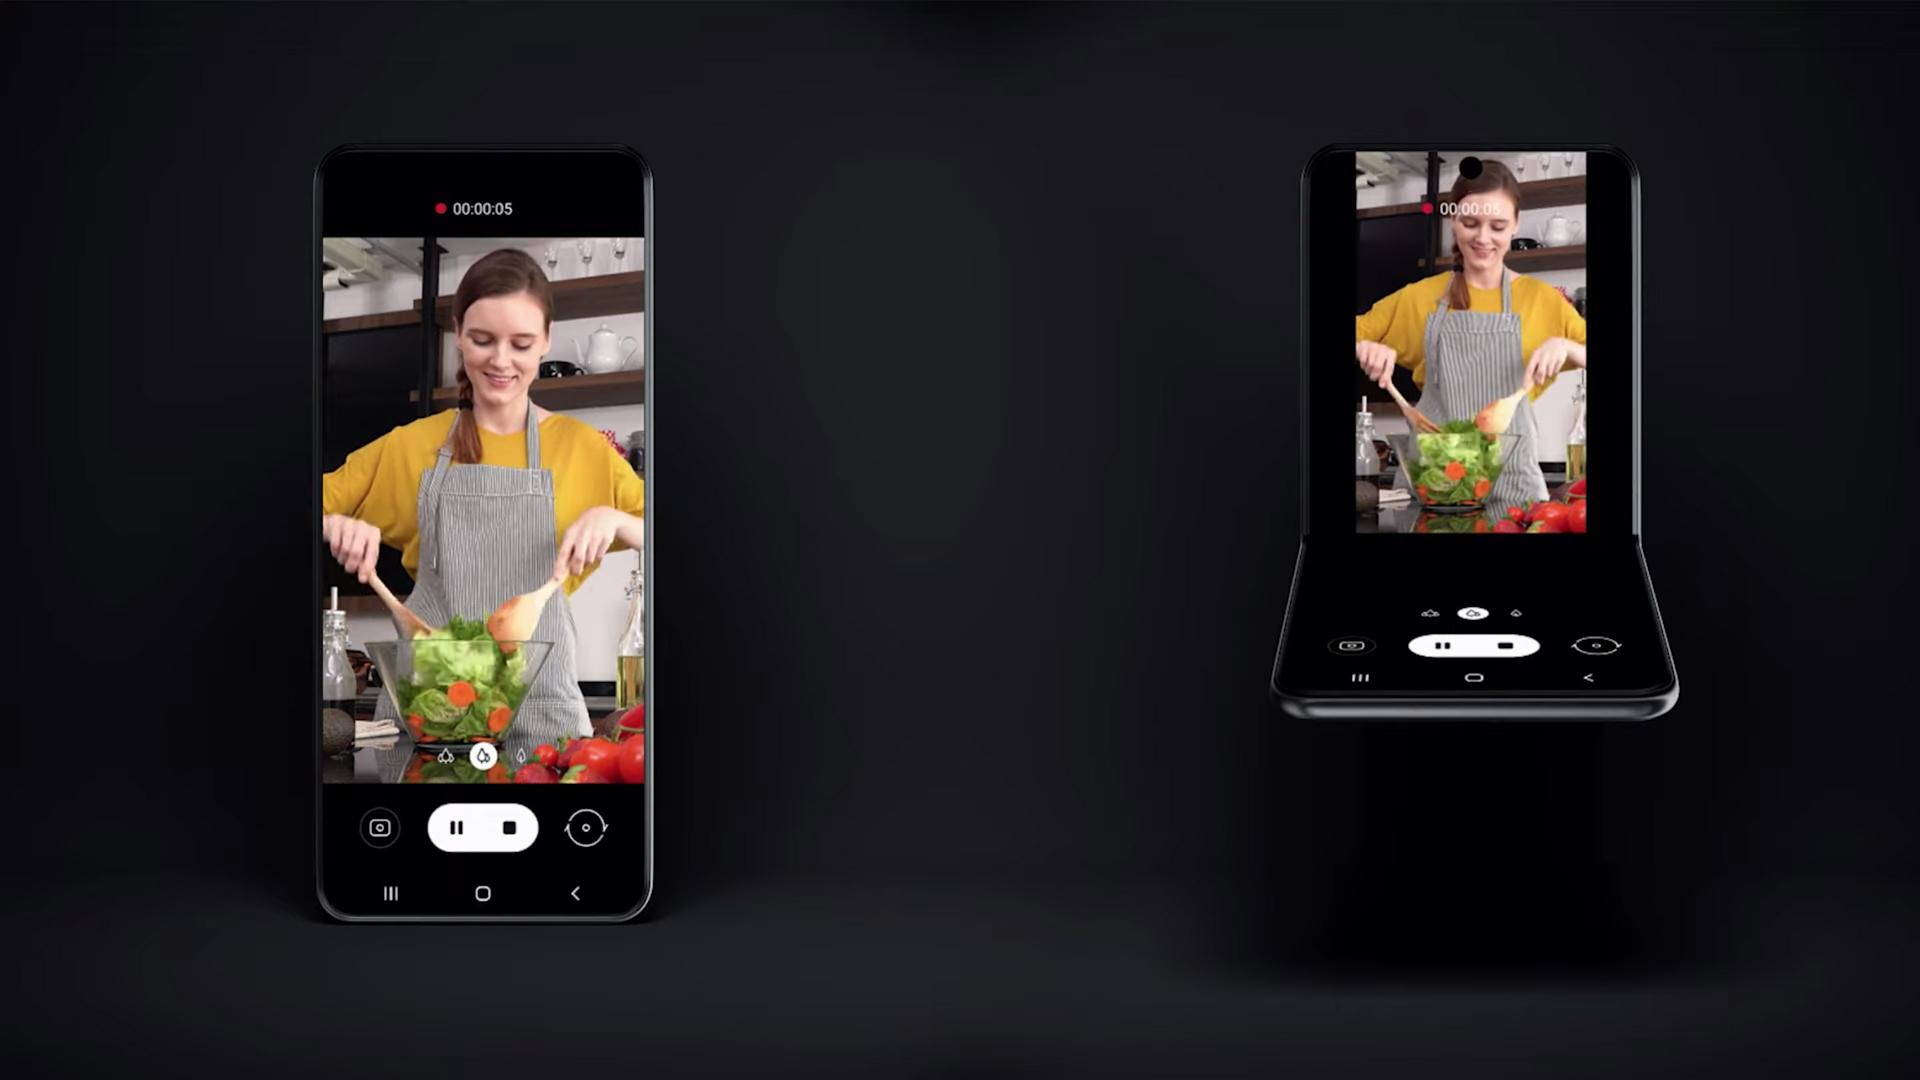 Пошли слухи, что новое складное устройство от Samsung будет иметь лучшую камеру среди смартфонов